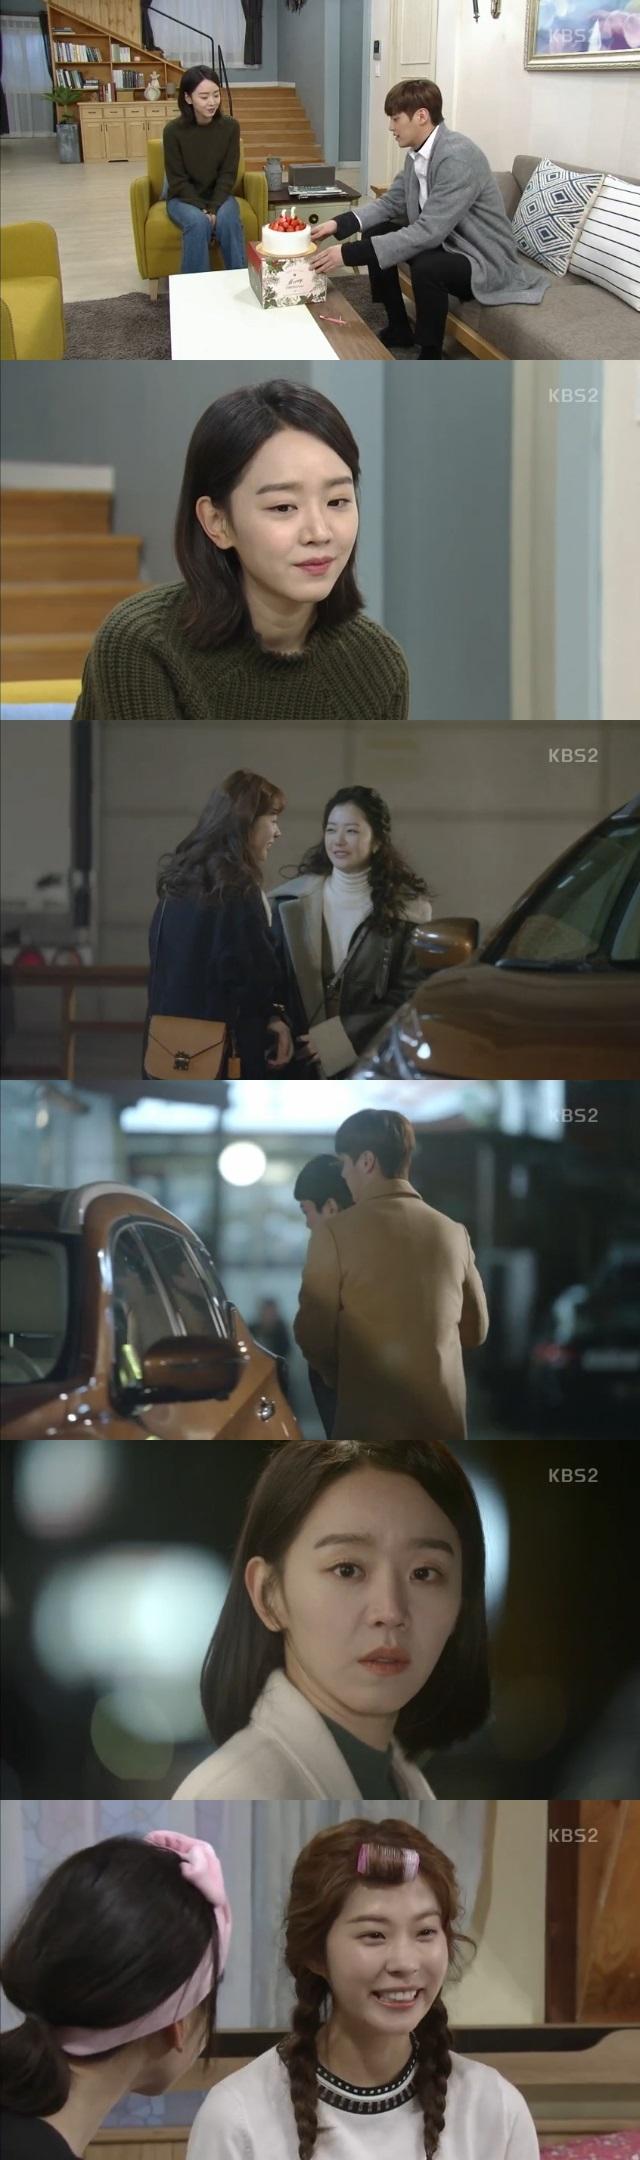 [결정적장면]'황금빛내인생' 이태환♥서은수 데이트, 신혜선 작전 '반전'